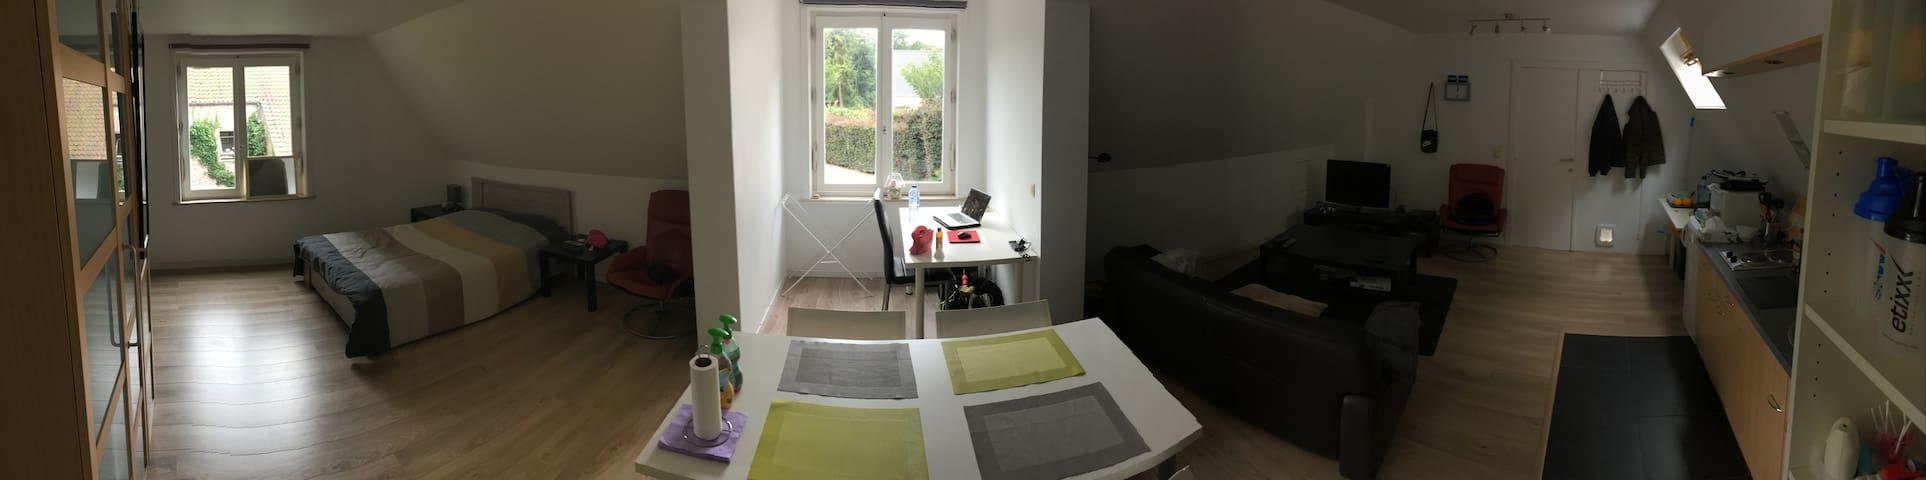 Prachtige ruime en lichtrijke studio bij Brugge - Jabbeke - Casa